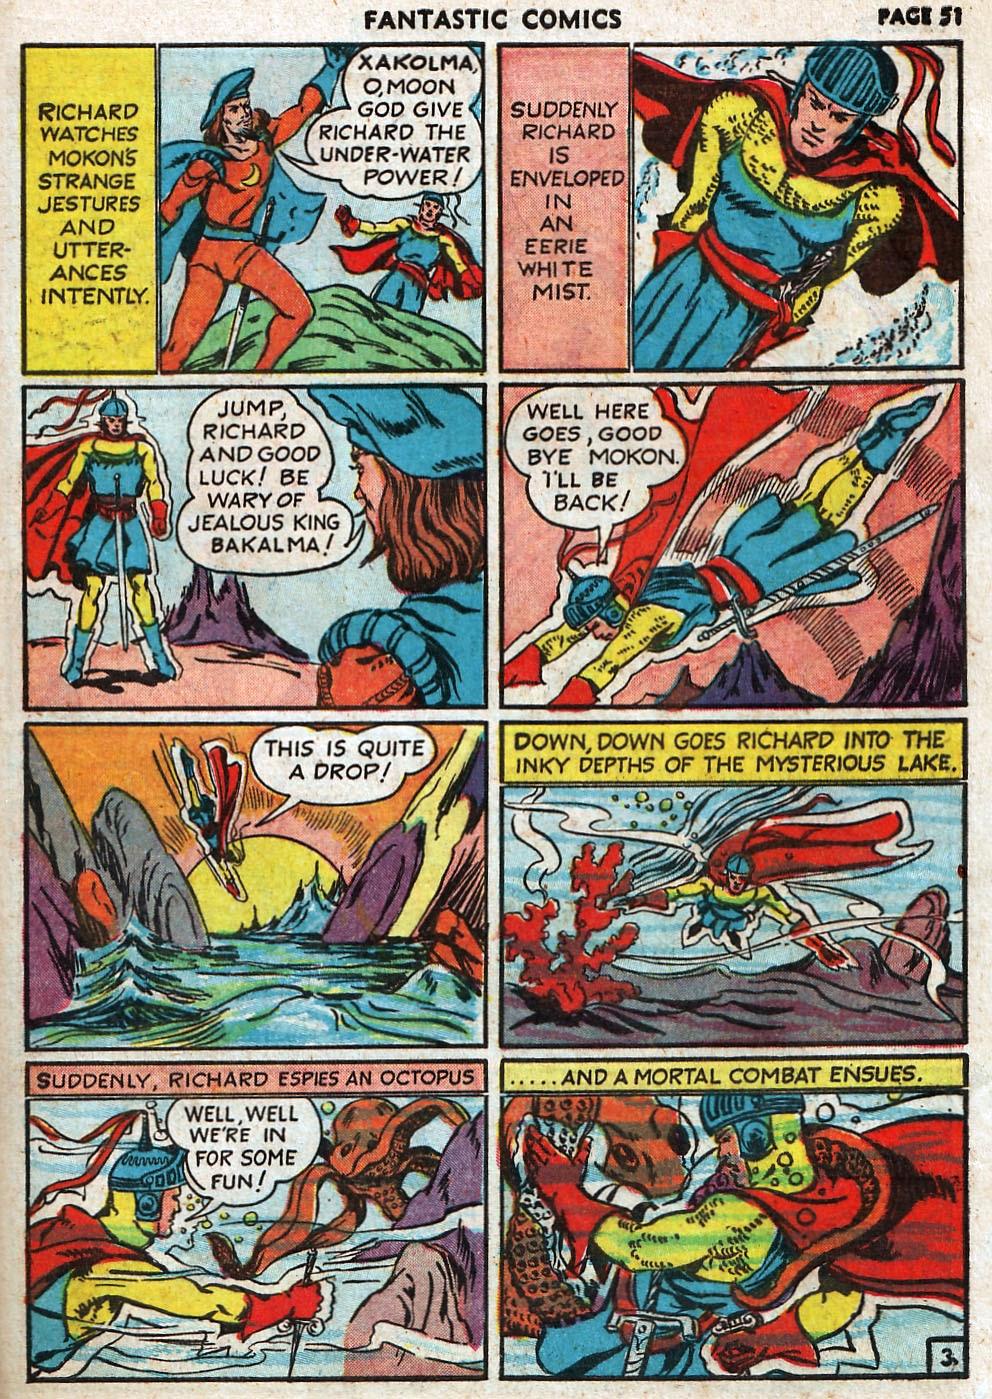 Read online Fantastic Comics comic -  Issue #17 - 52